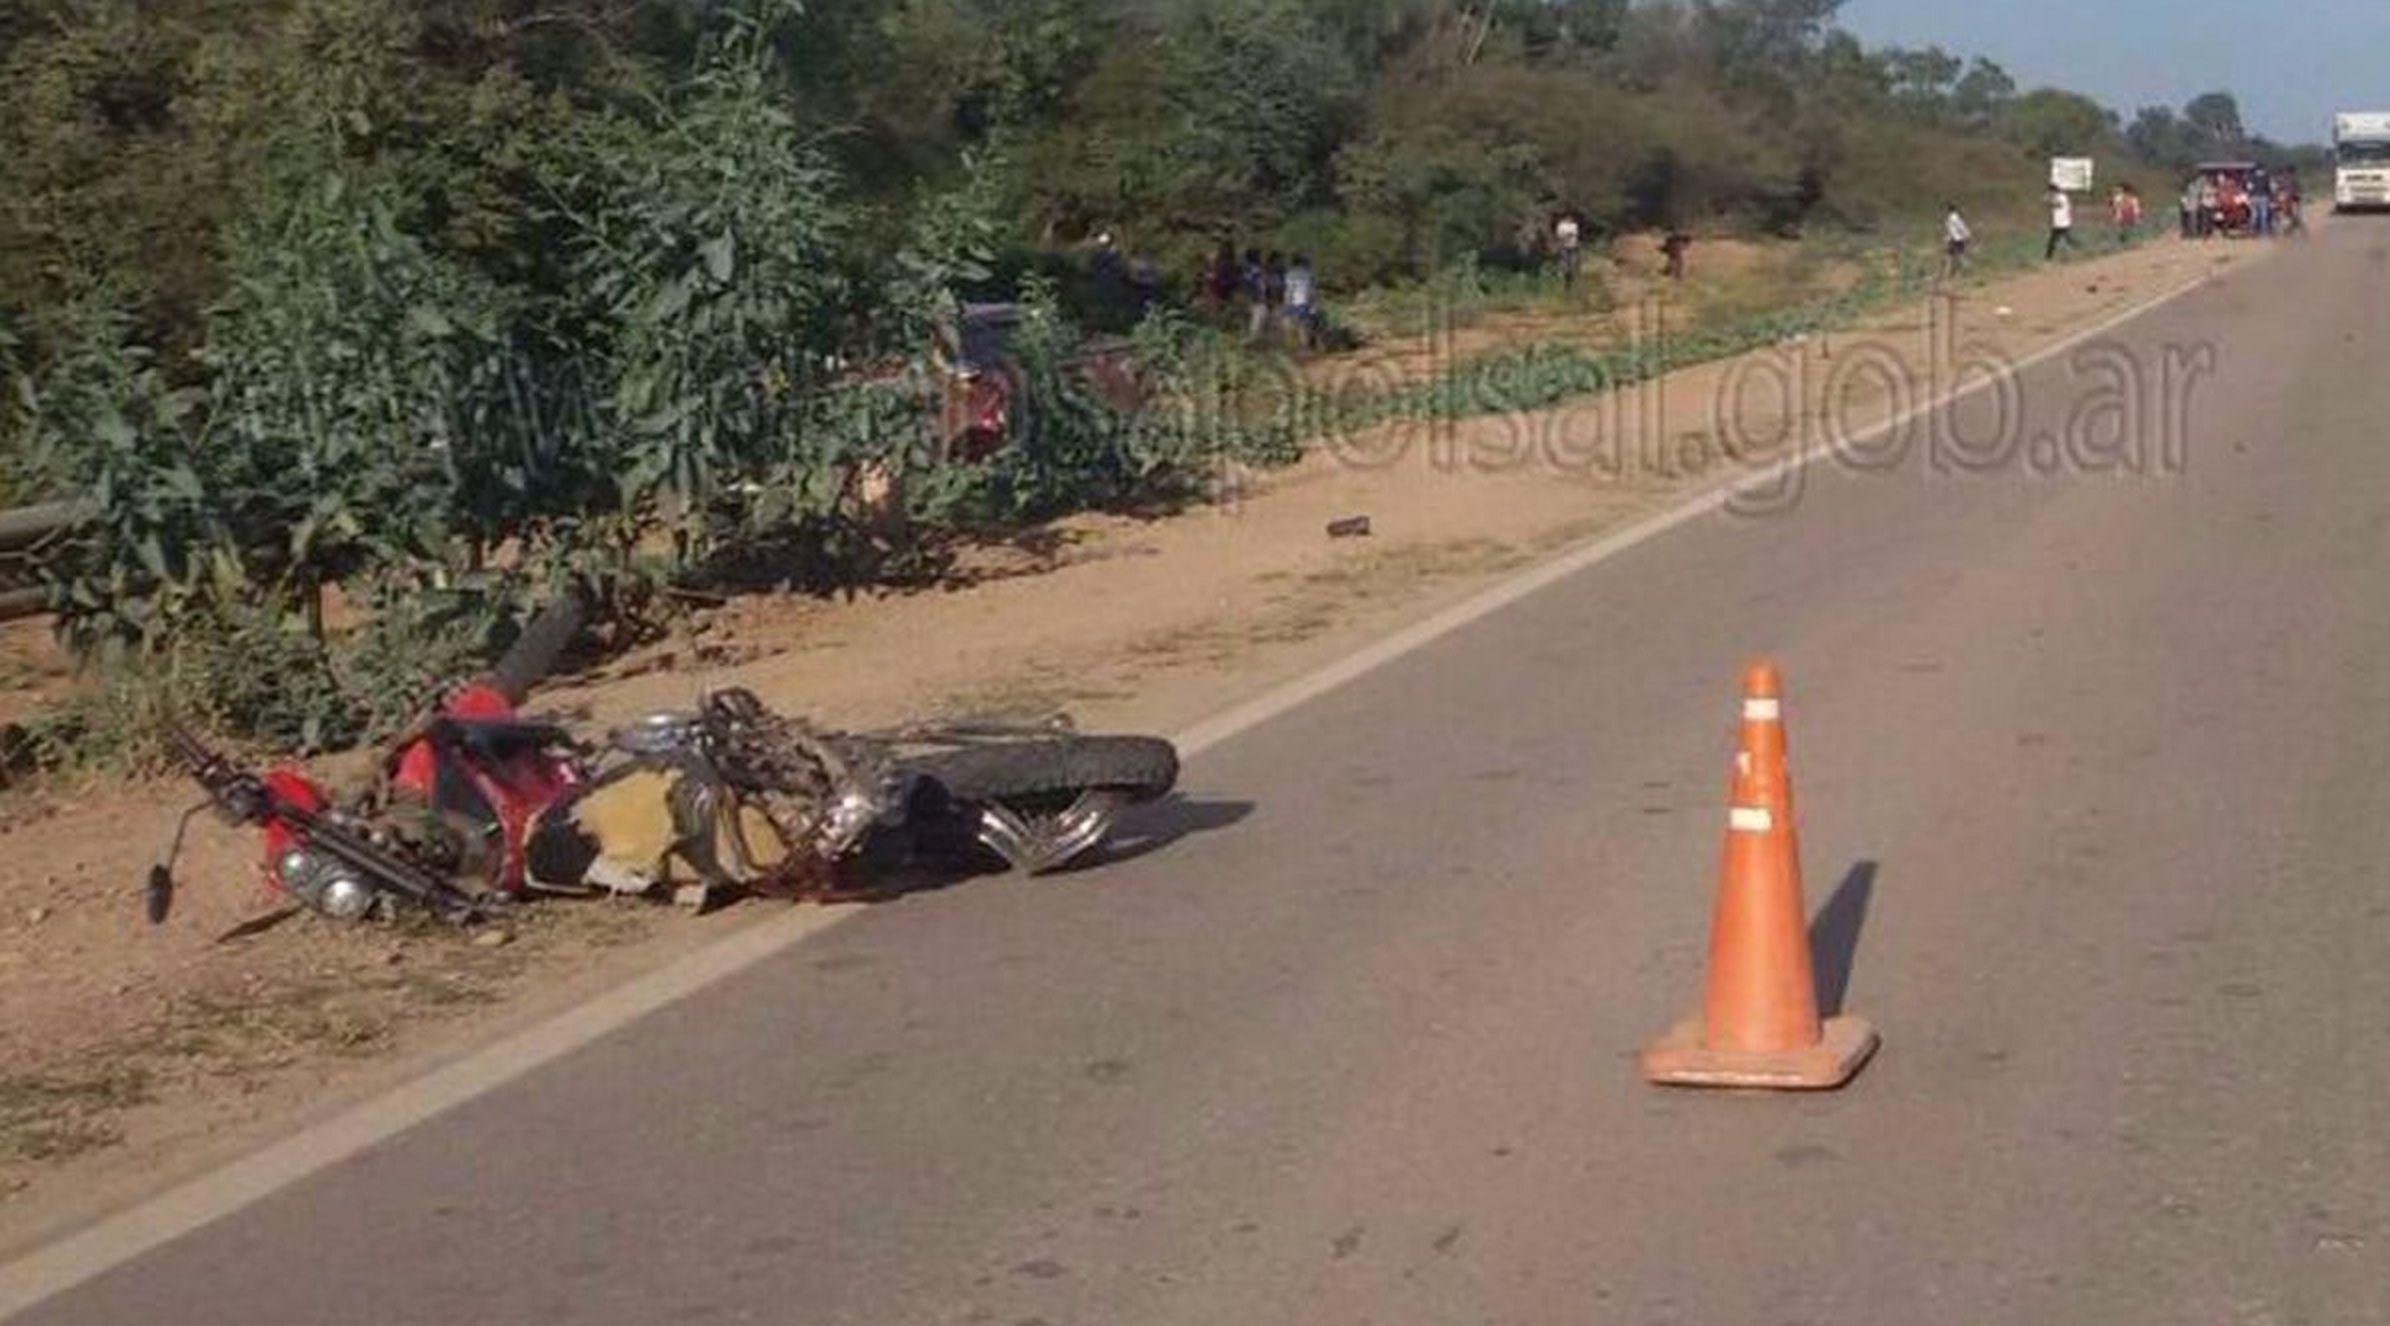 Un intendente atropelló y mató a dos chicos de la comunidad wichí en Salta